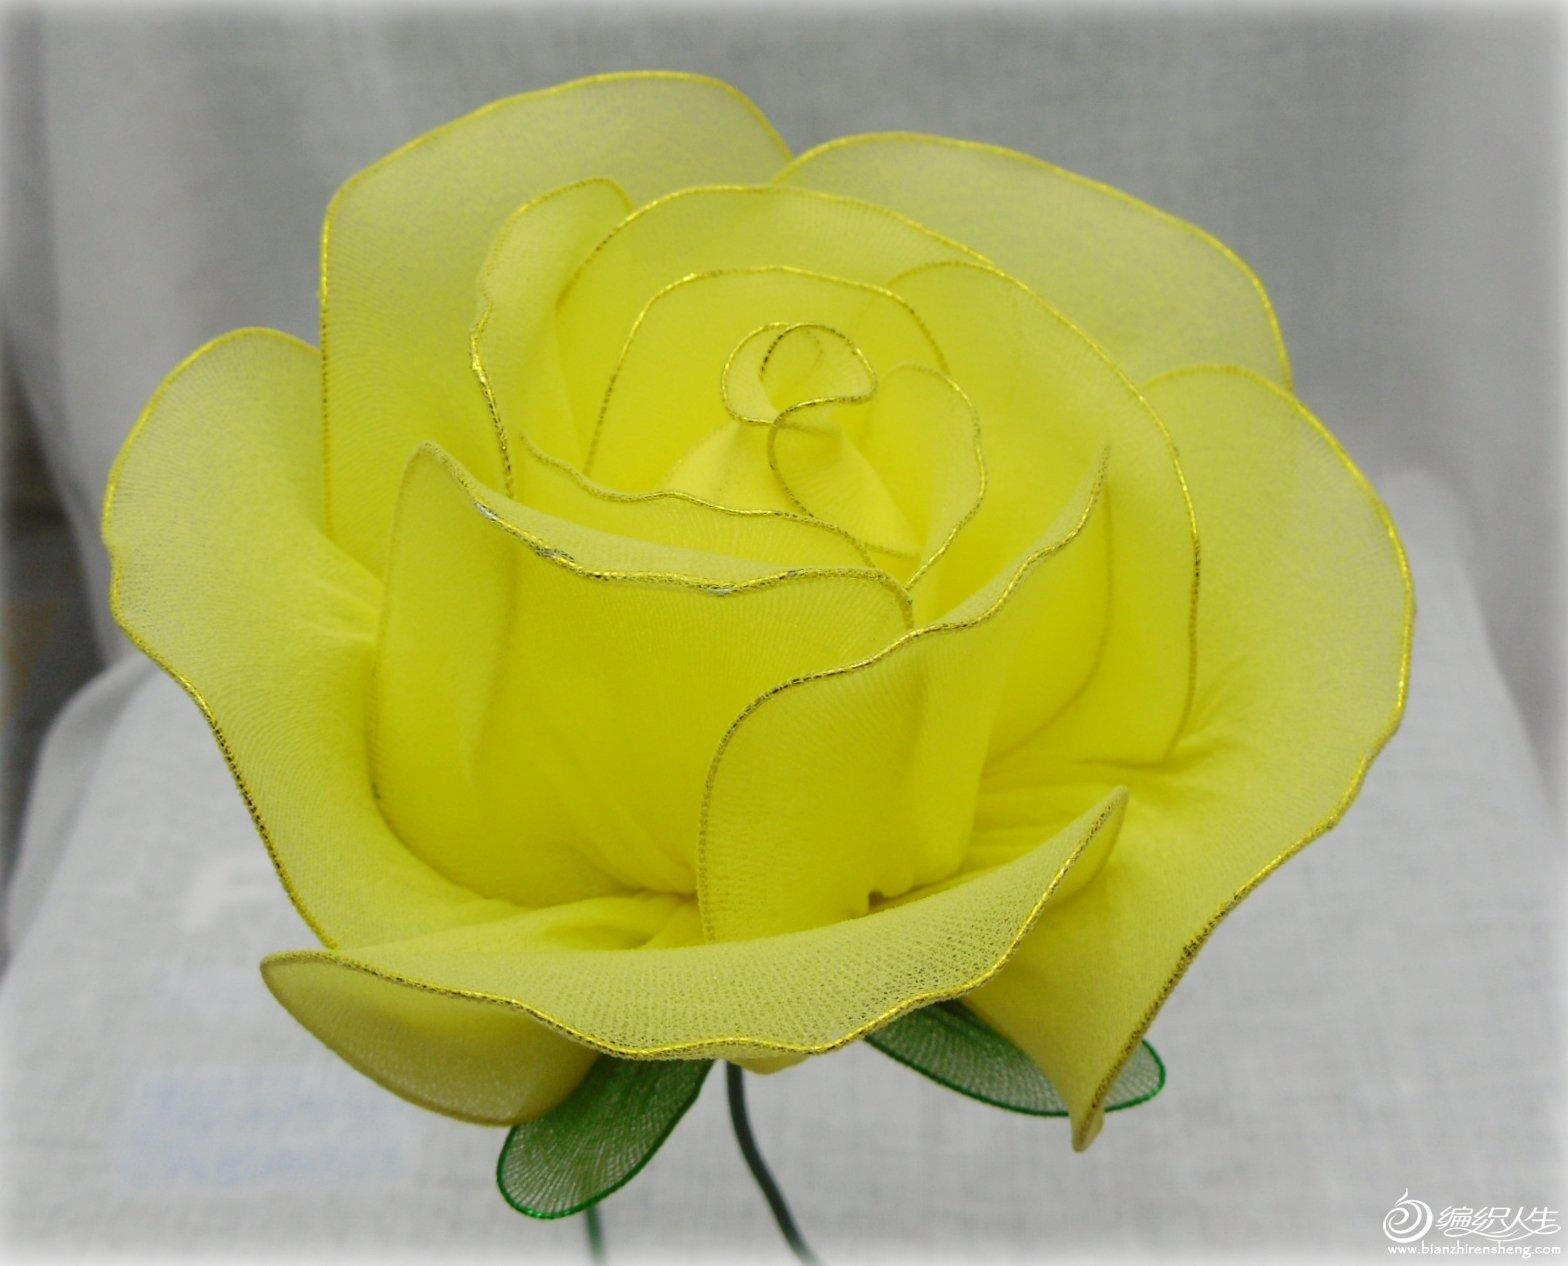 丝网花玫瑰花的制作_丝网玫瑰花造型方法_其它手工作品及教程_编织人生论坛